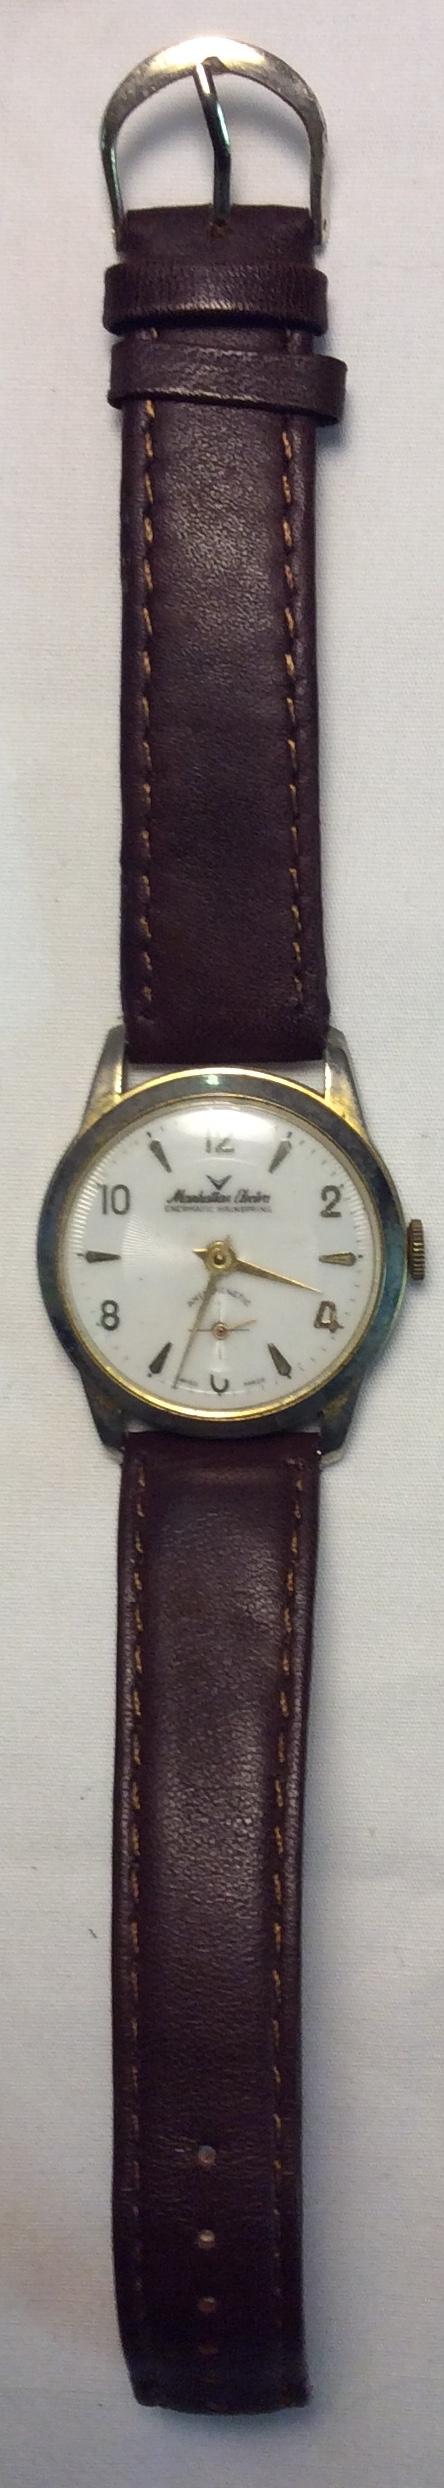 Manhattan Electra watch - round